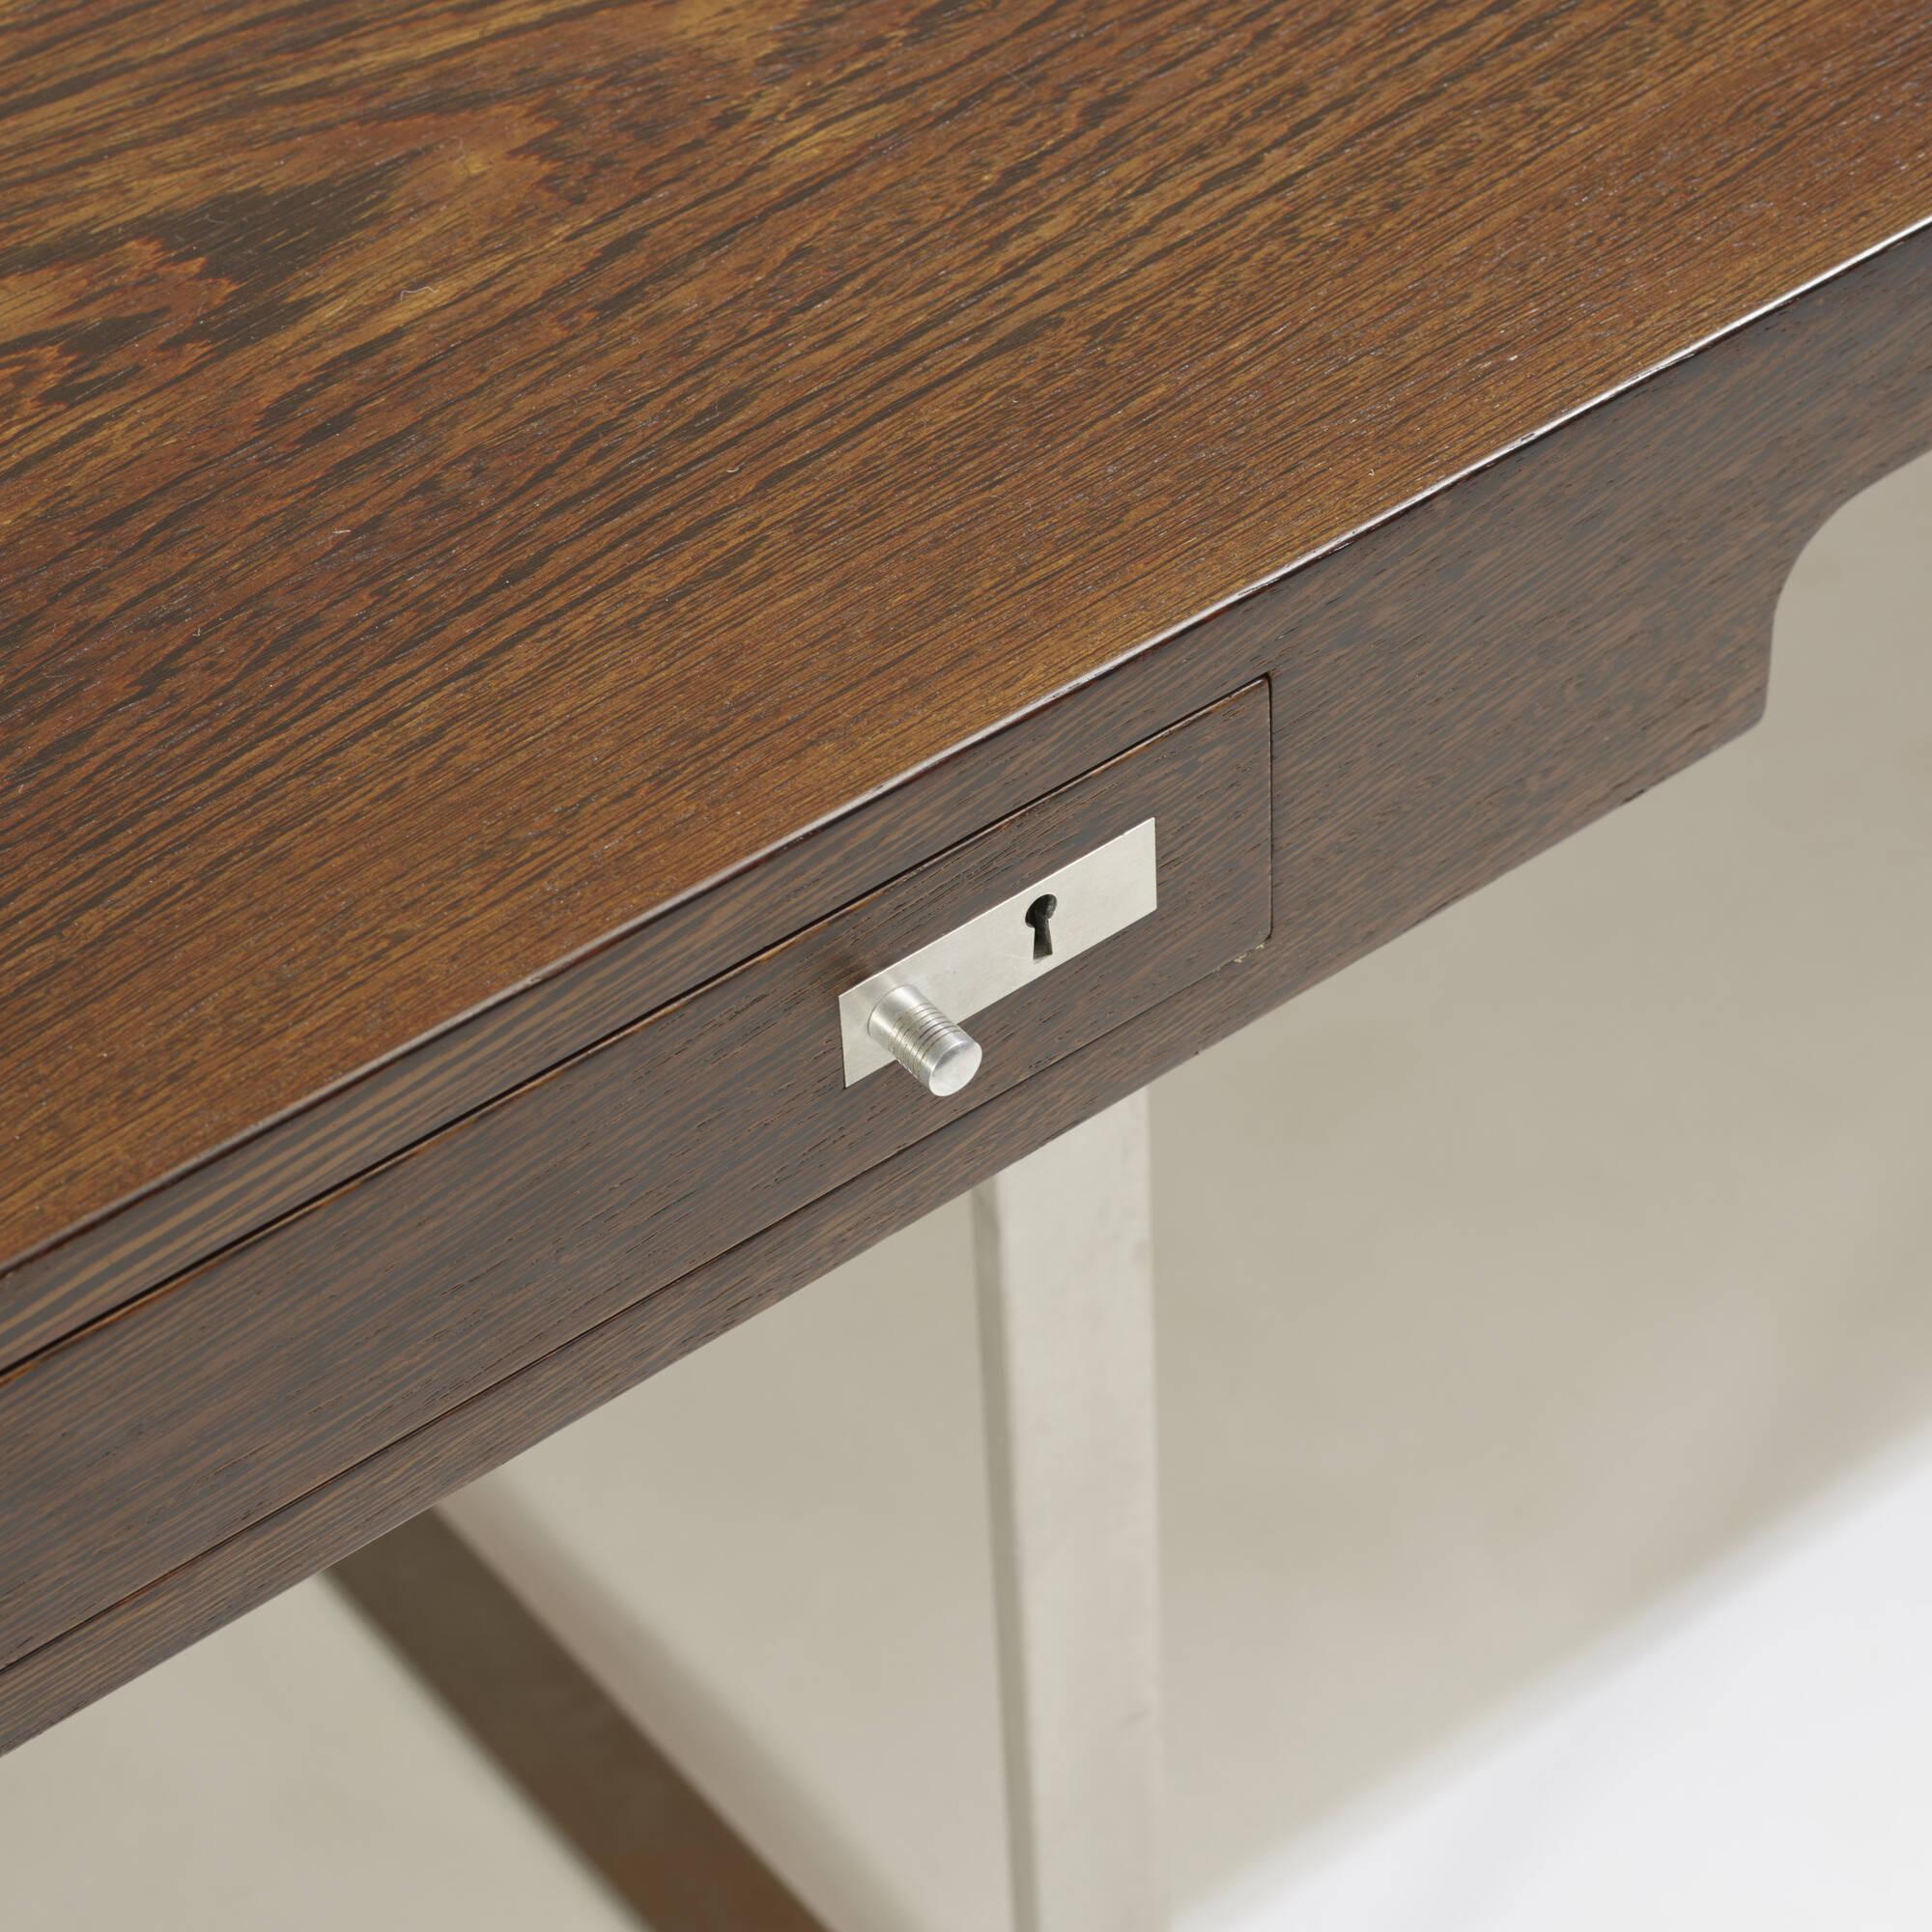 177: Hans J. Wegner / desk, model JH 810 (3 of 3)